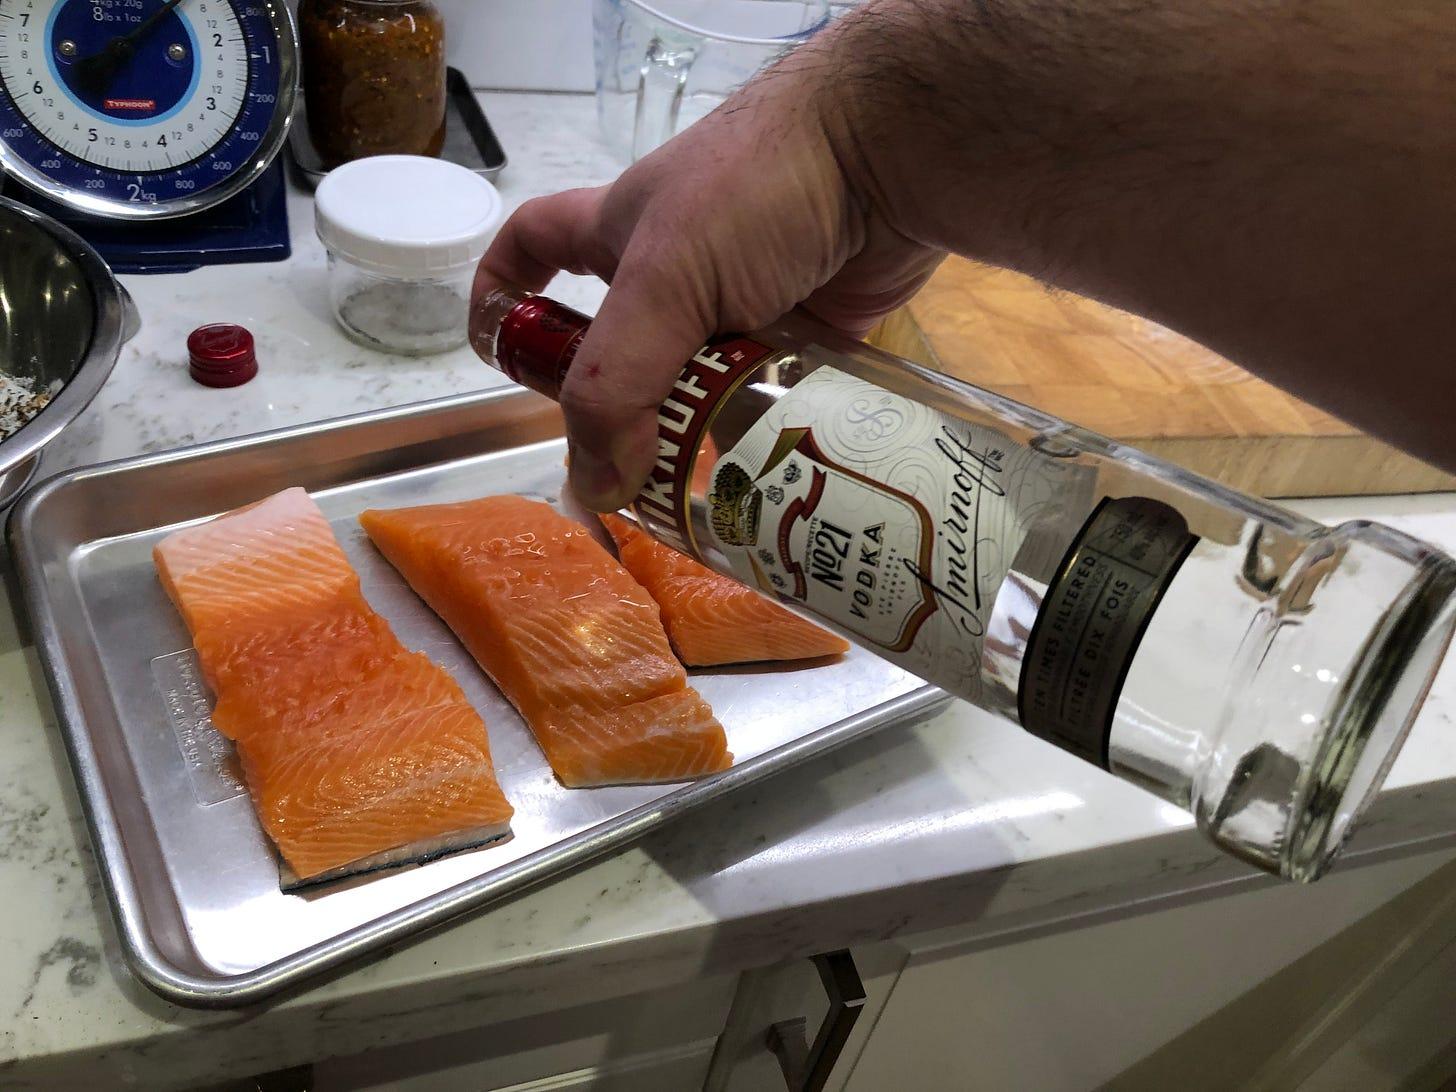 Splashing the salmon pieces with vodka